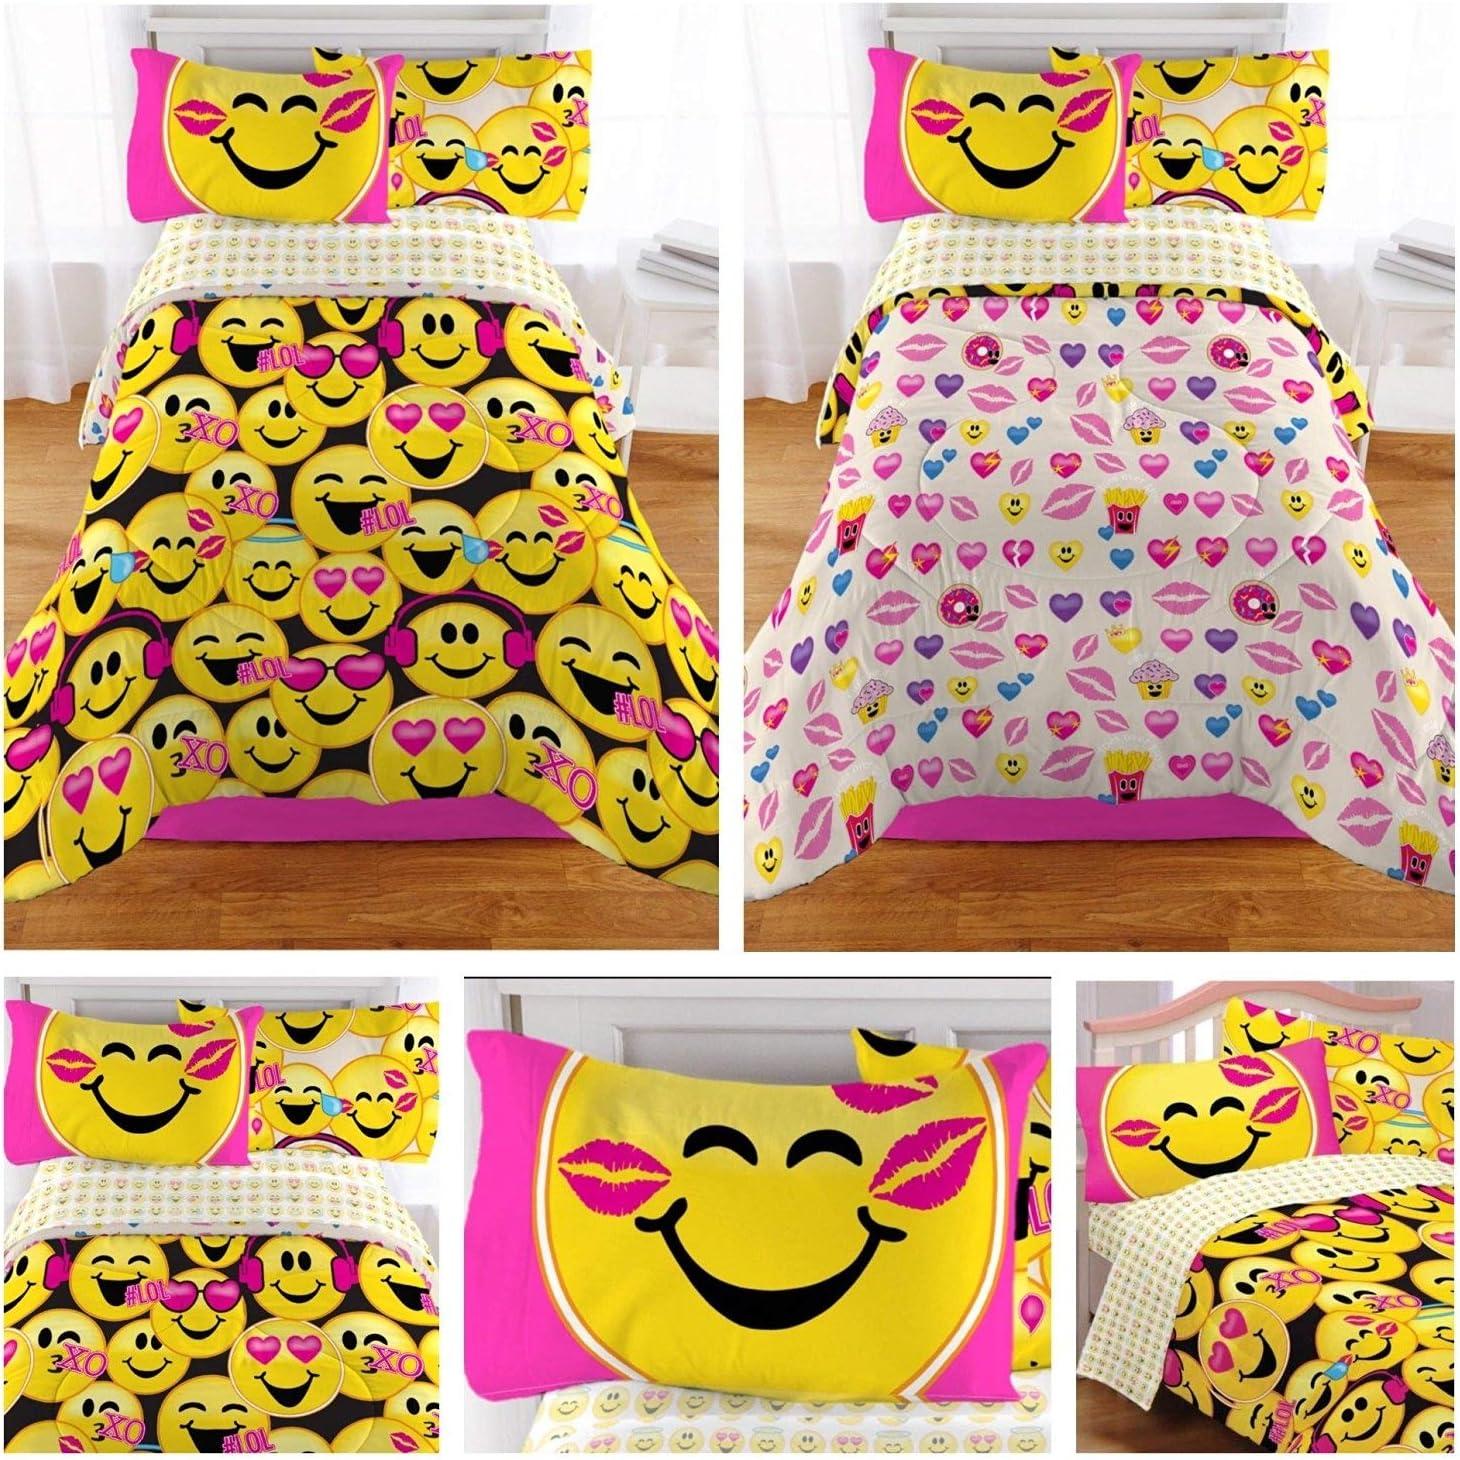 Emoji Complete 4 Piece Girls Bedding Set - Twin